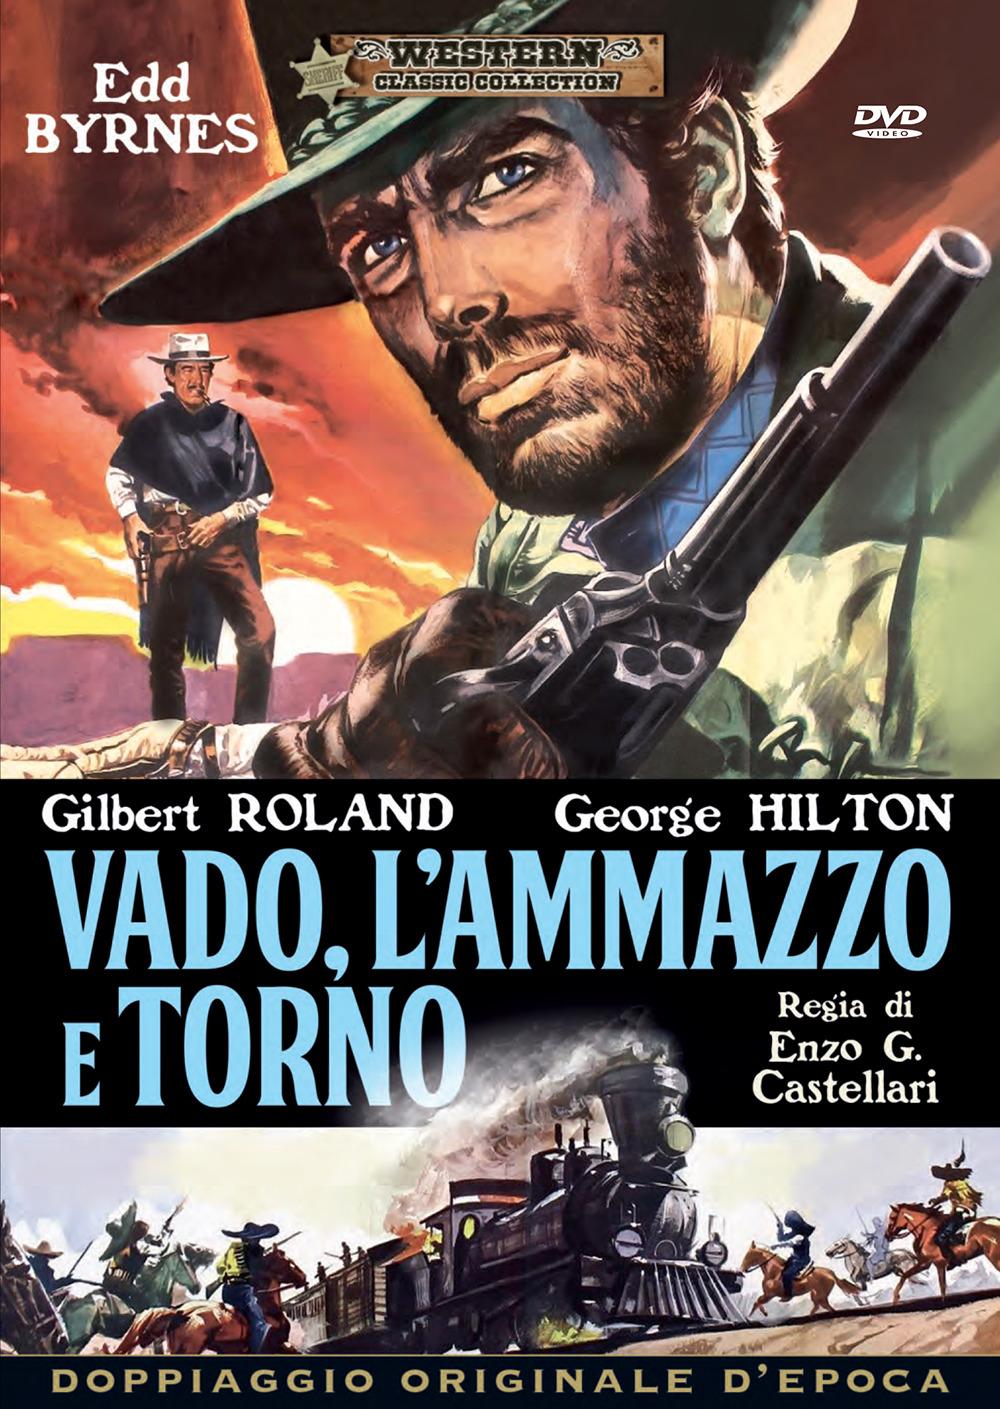 VADO L'AMMAZZO E TORNO (DVD)